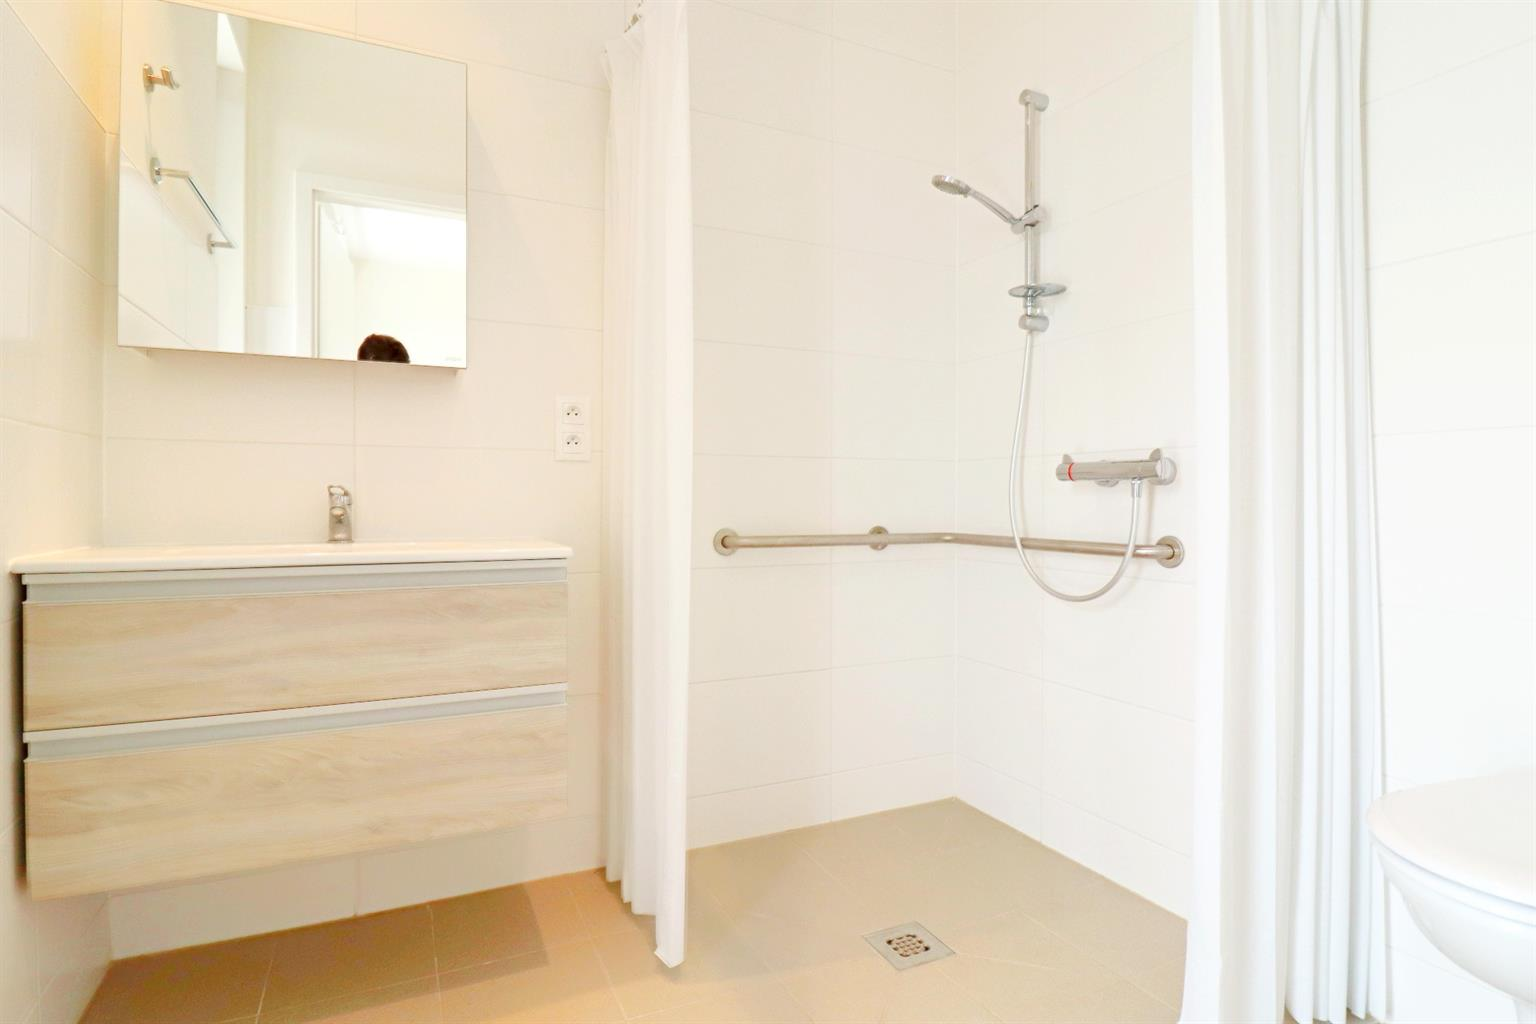 Appartement - Ottignies-Louvain-la-Neuve - #4406875-5